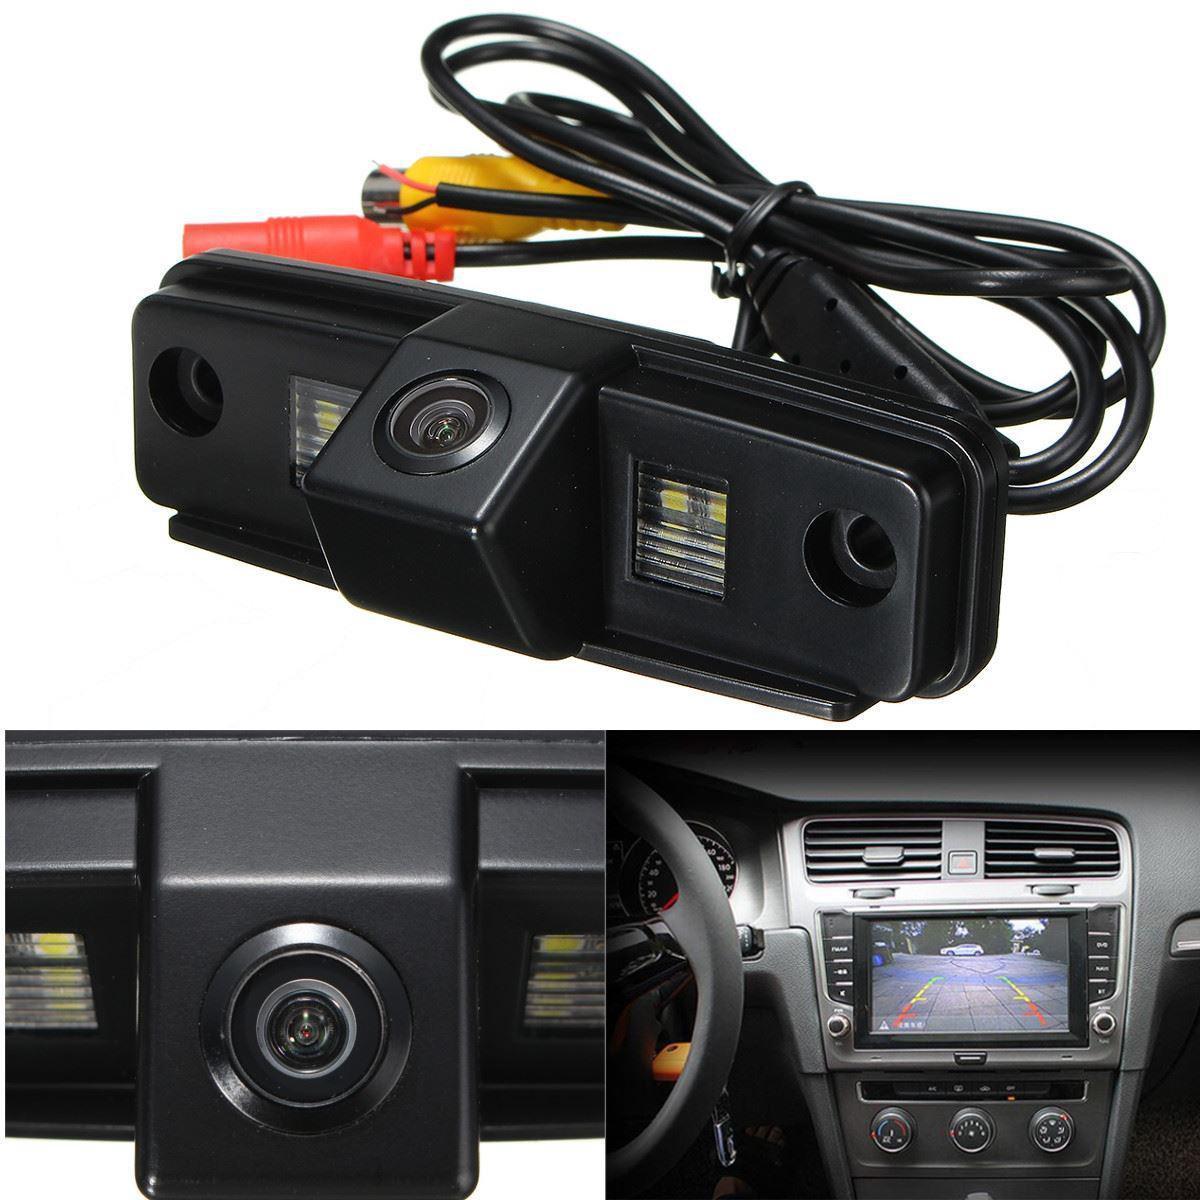 Камера заднего вида универсальная  Impreza Sedan 2009 2010 2011 цветная матрица CCD